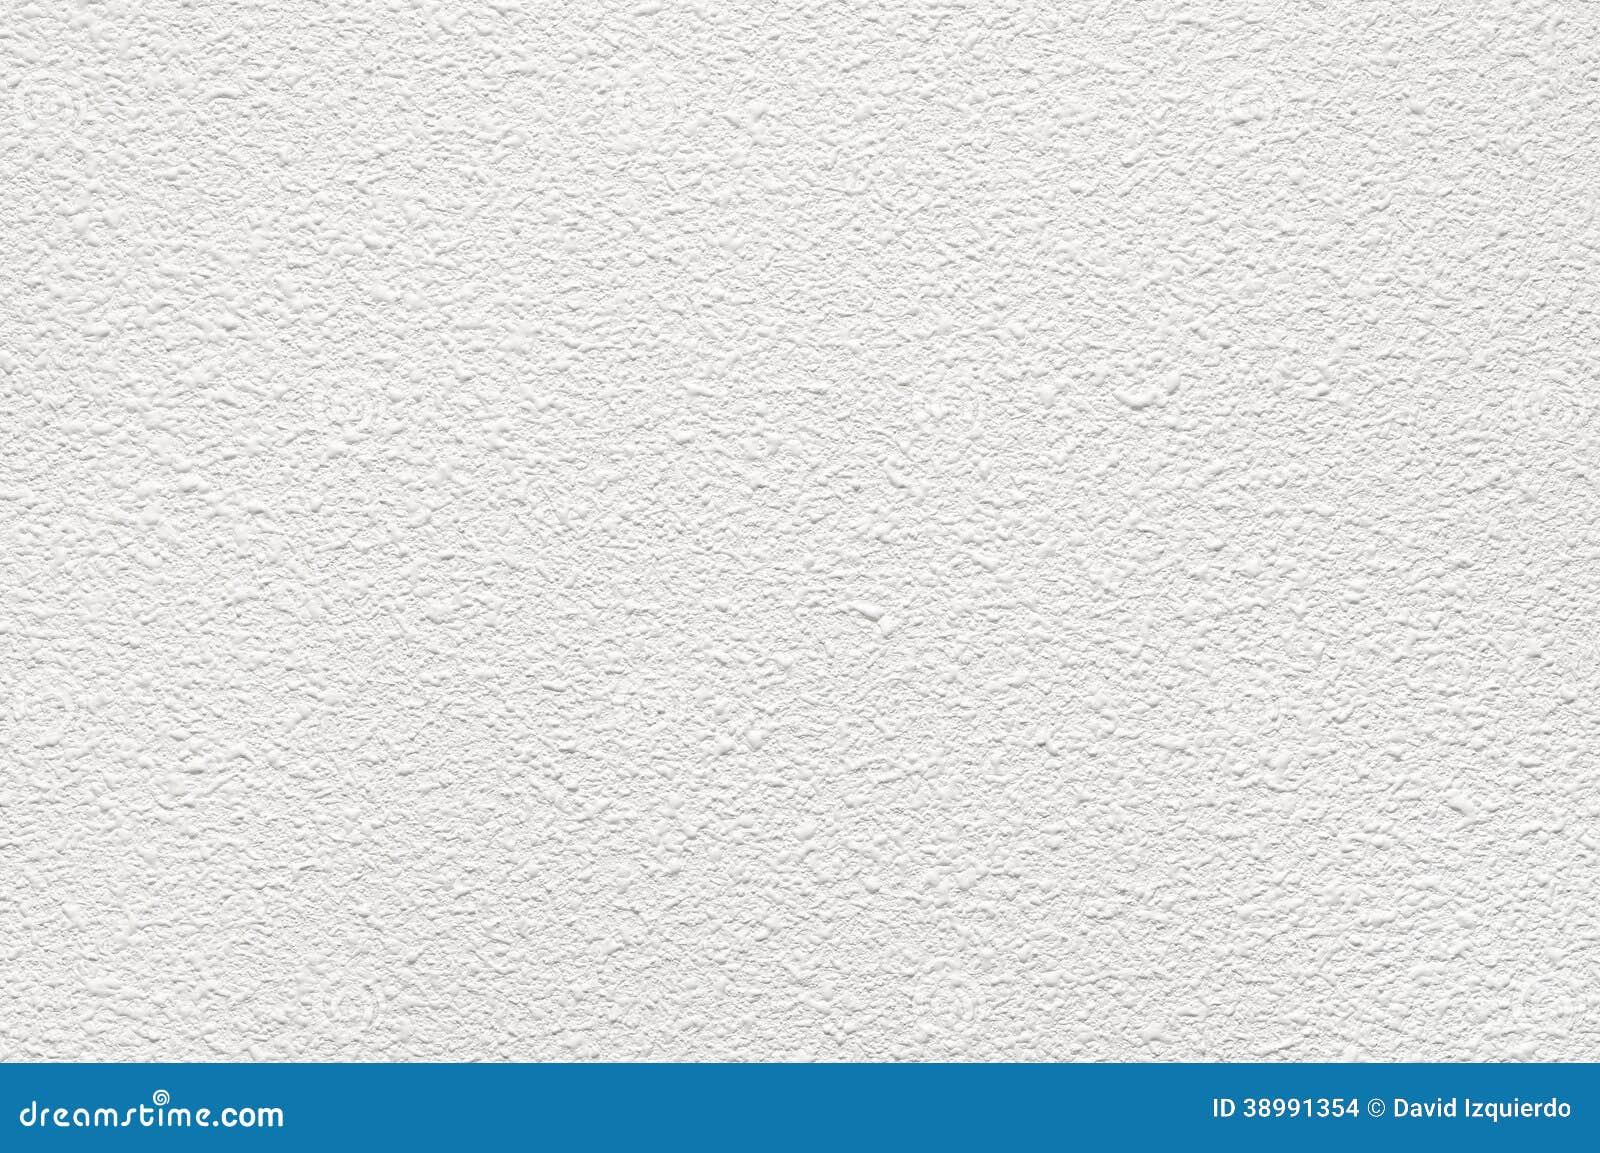 Parede pintada com textura branca da gota foto de stock imagem de backdrop gota 38991354 - Textura pared ...